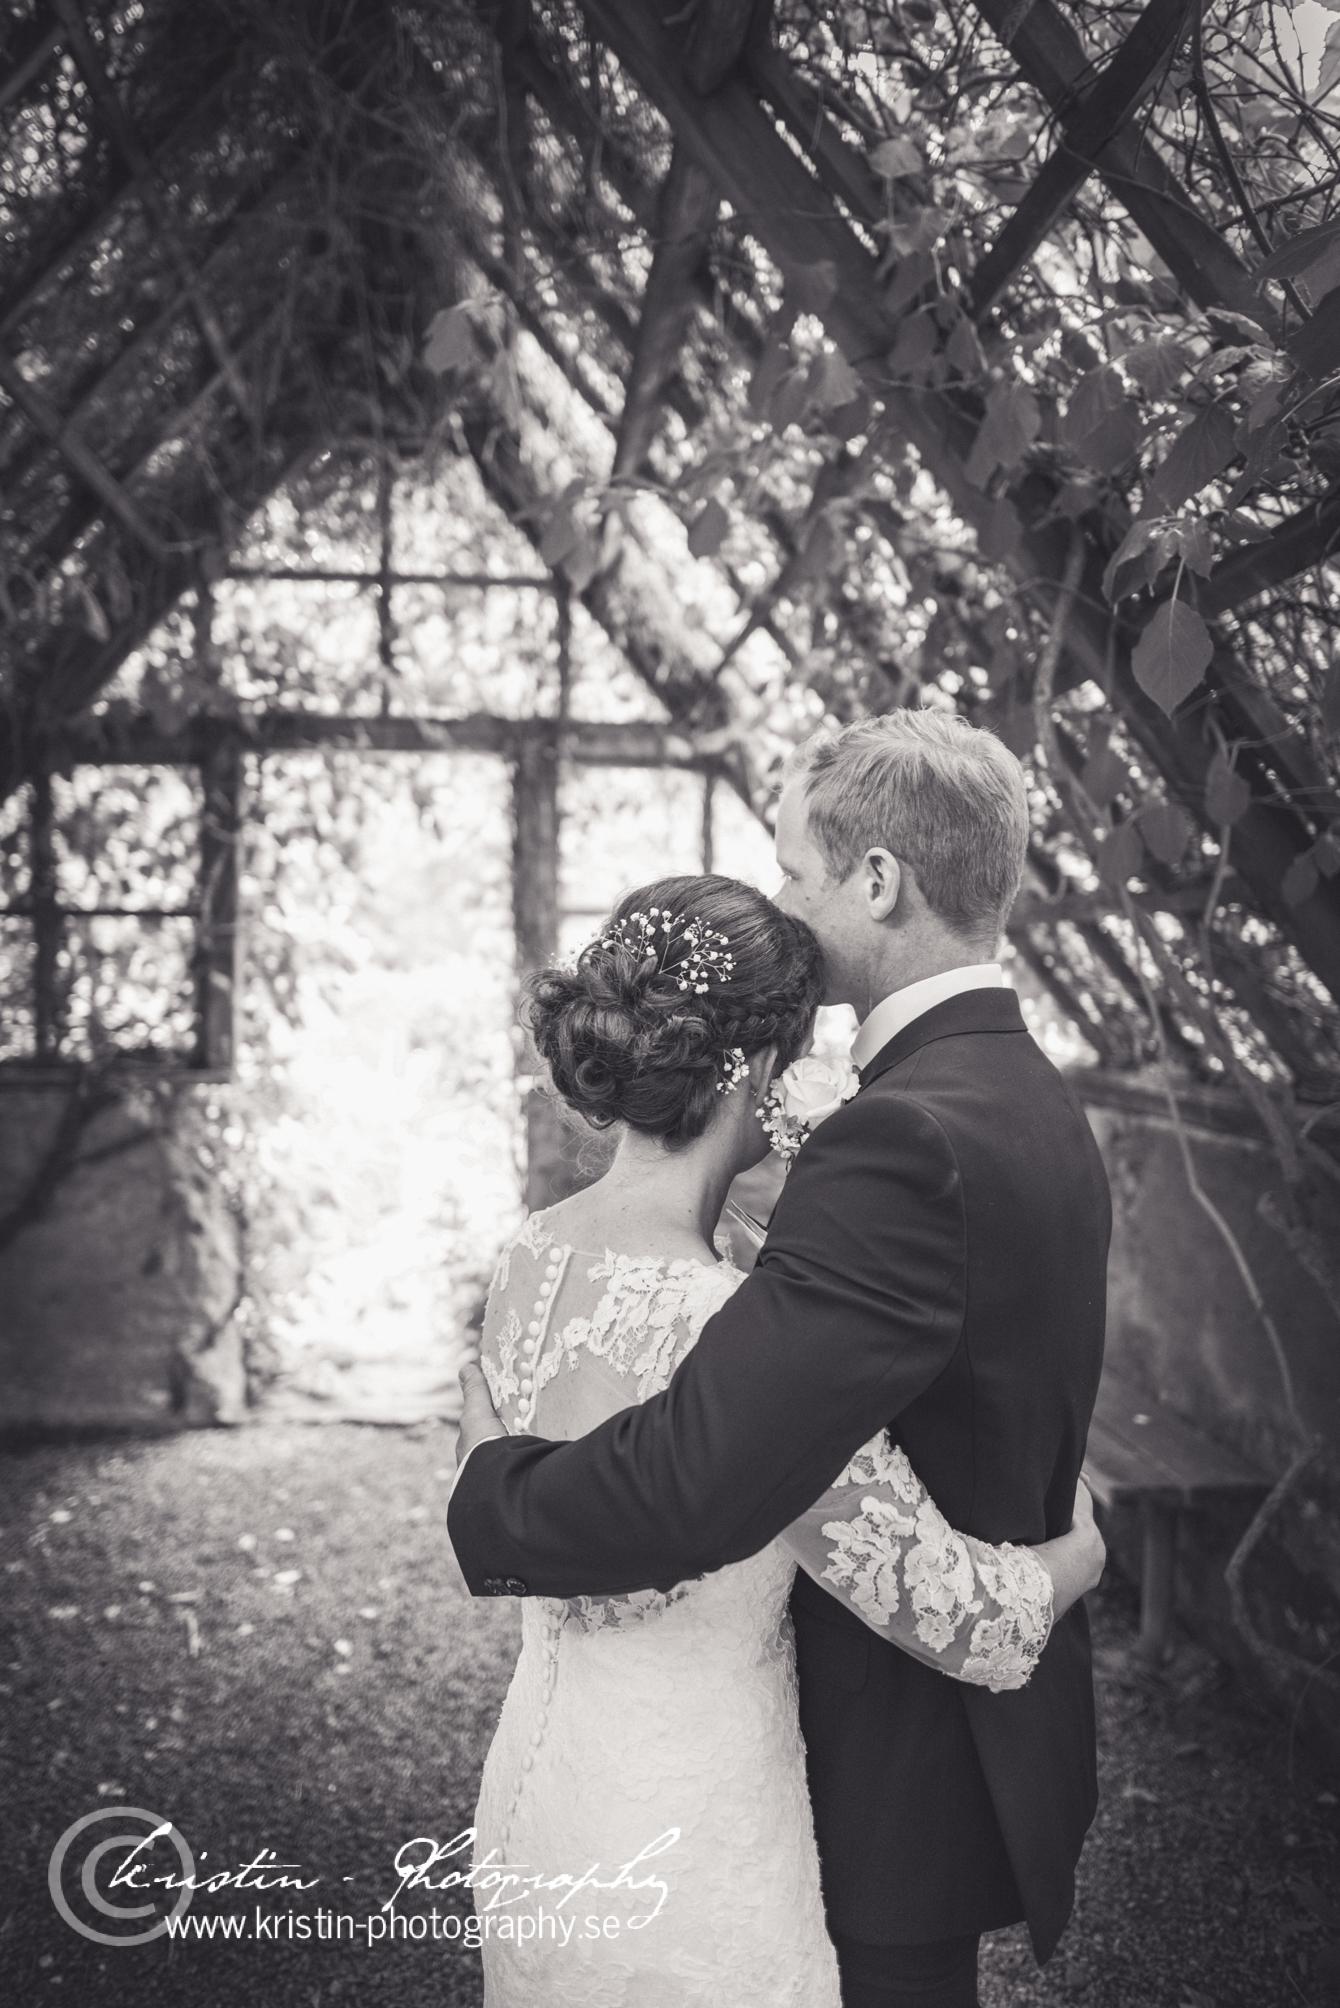 Bröllopsfotograf i Eskilstuna, Kristin - Photography, weddingphotographer -96.jpg